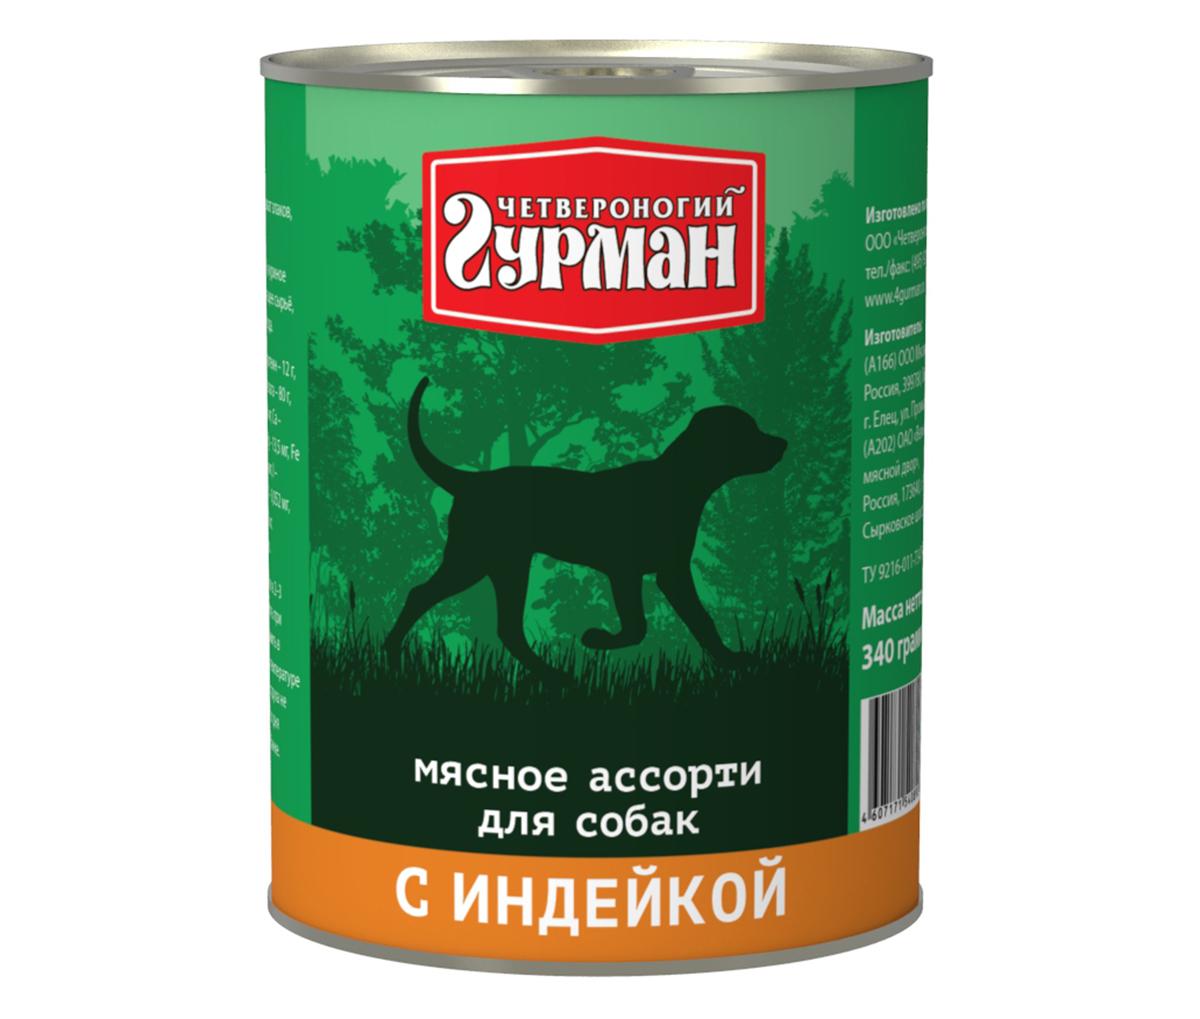 Консервы для собак Четвероногий гурман Мясное ассорти с индейкой, 340 г 103109005